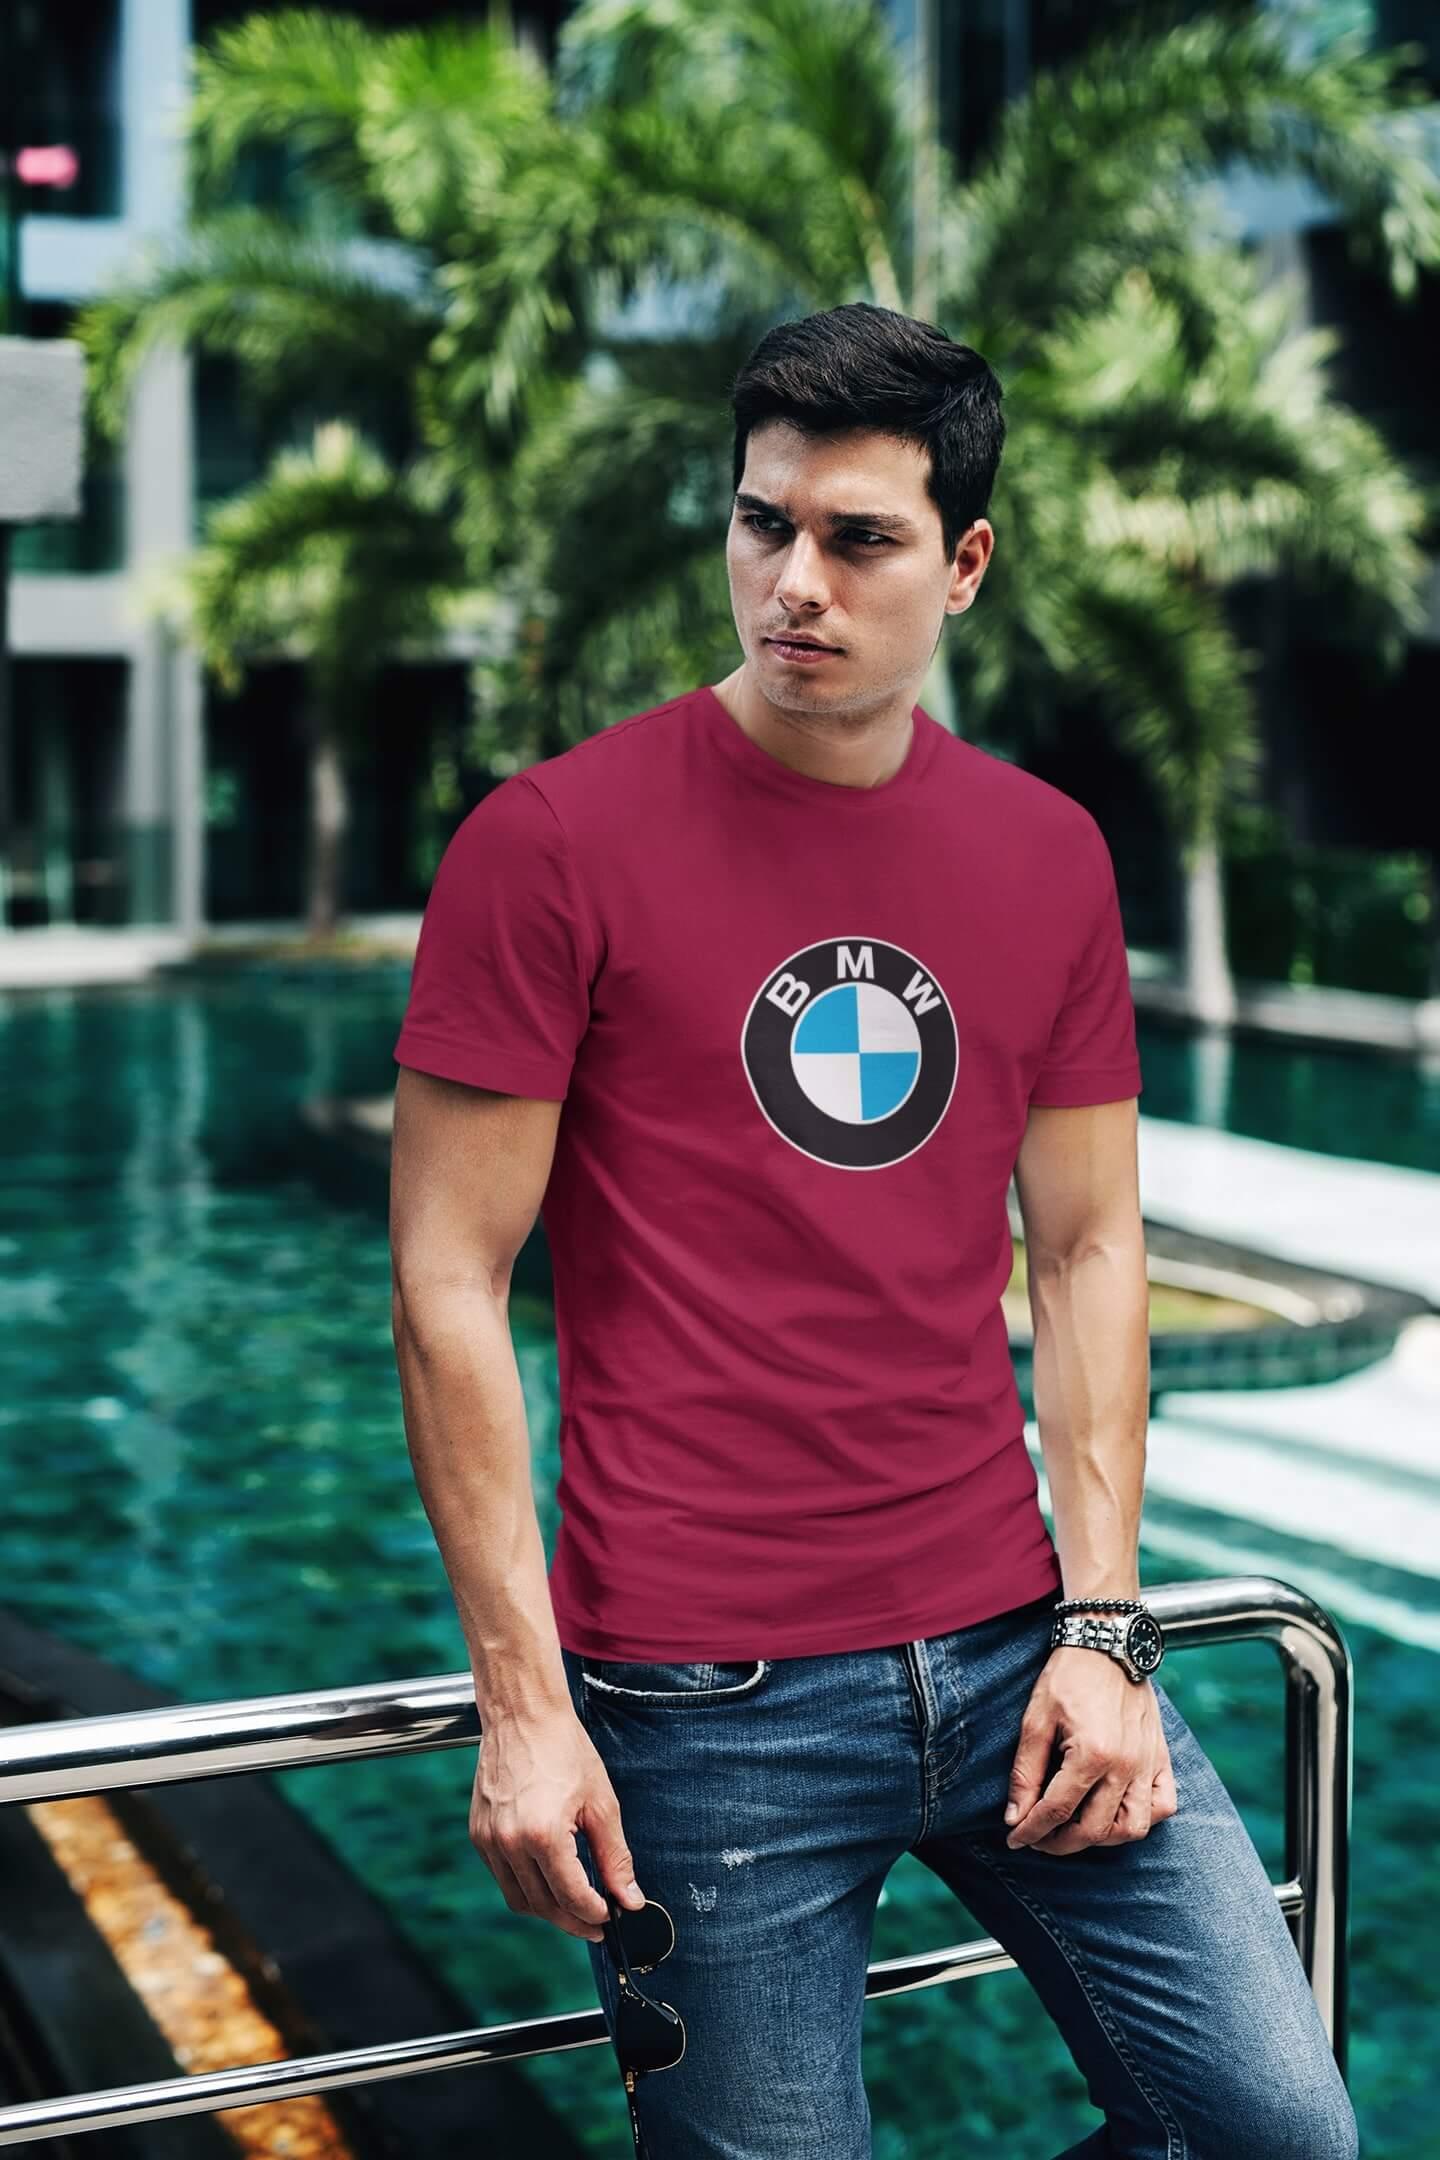 MMO Tričko s logom auta BMW Vyberte farbu: Marlboro červená, Vyberte veľkosť: XL